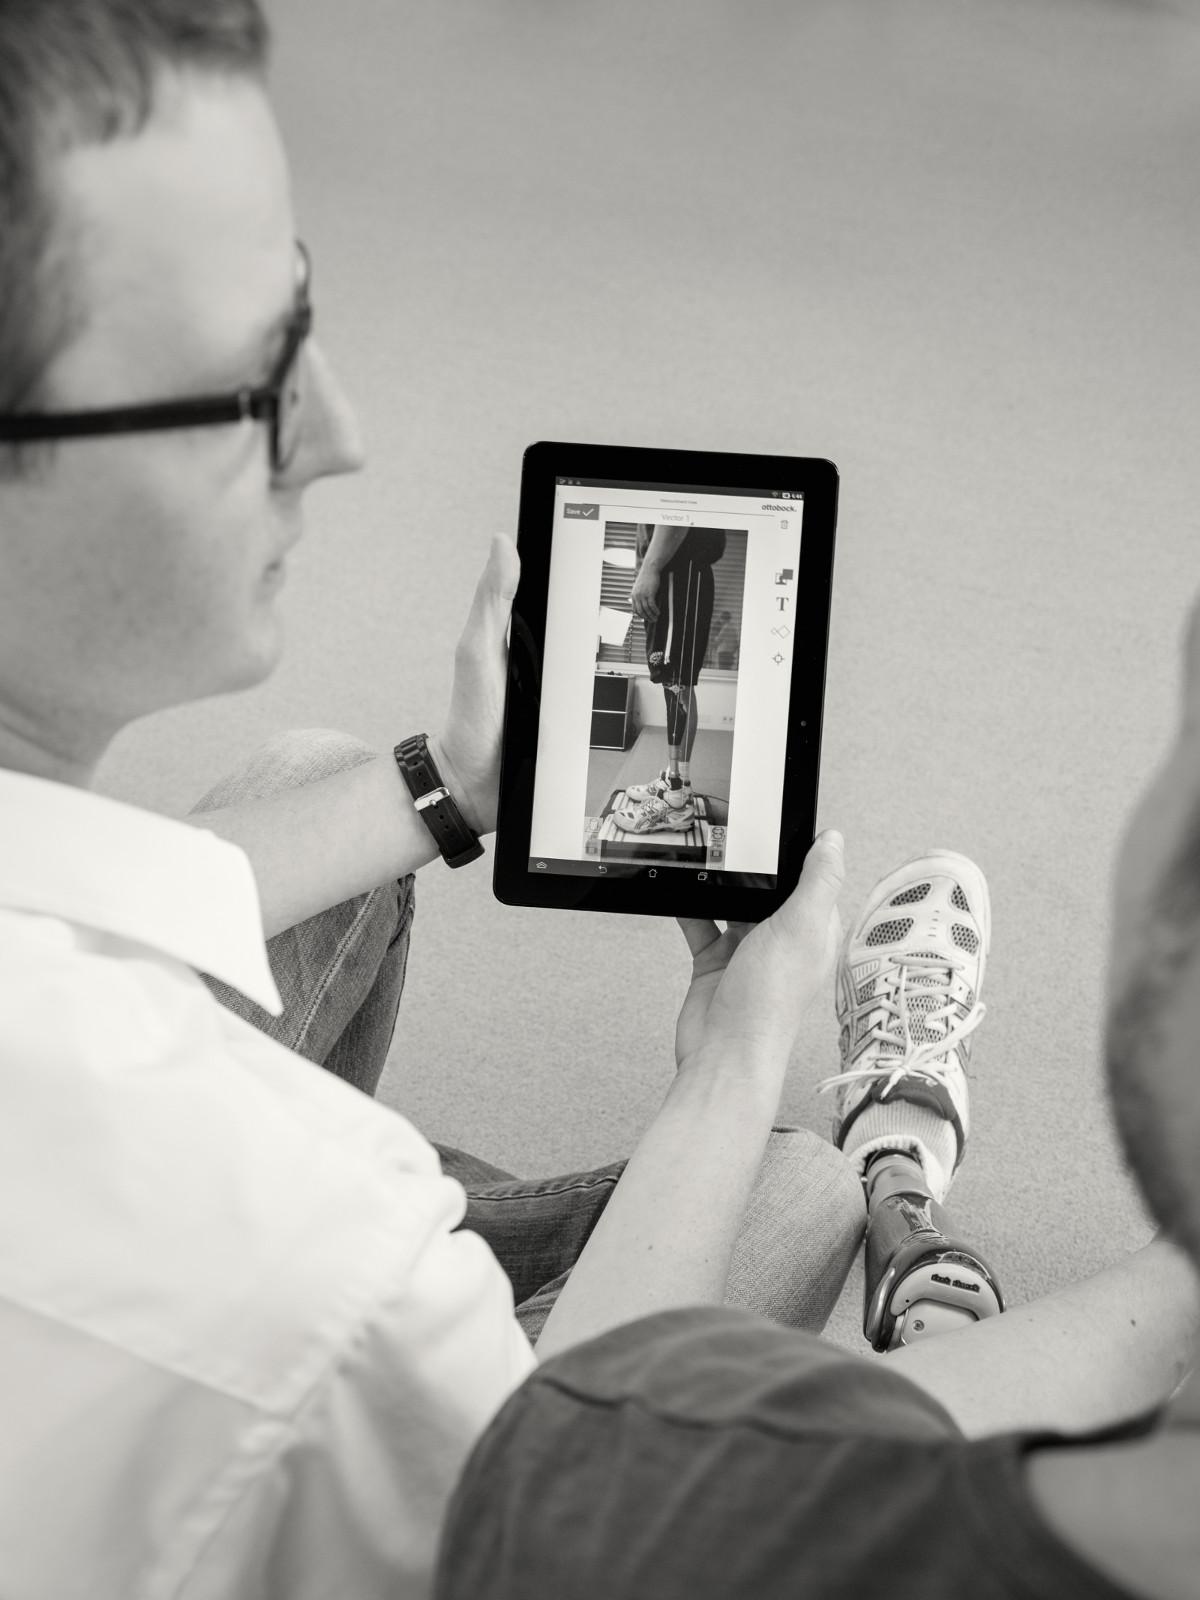 Naměřené síly se zobrazují na tabletu přes obraz pacienta